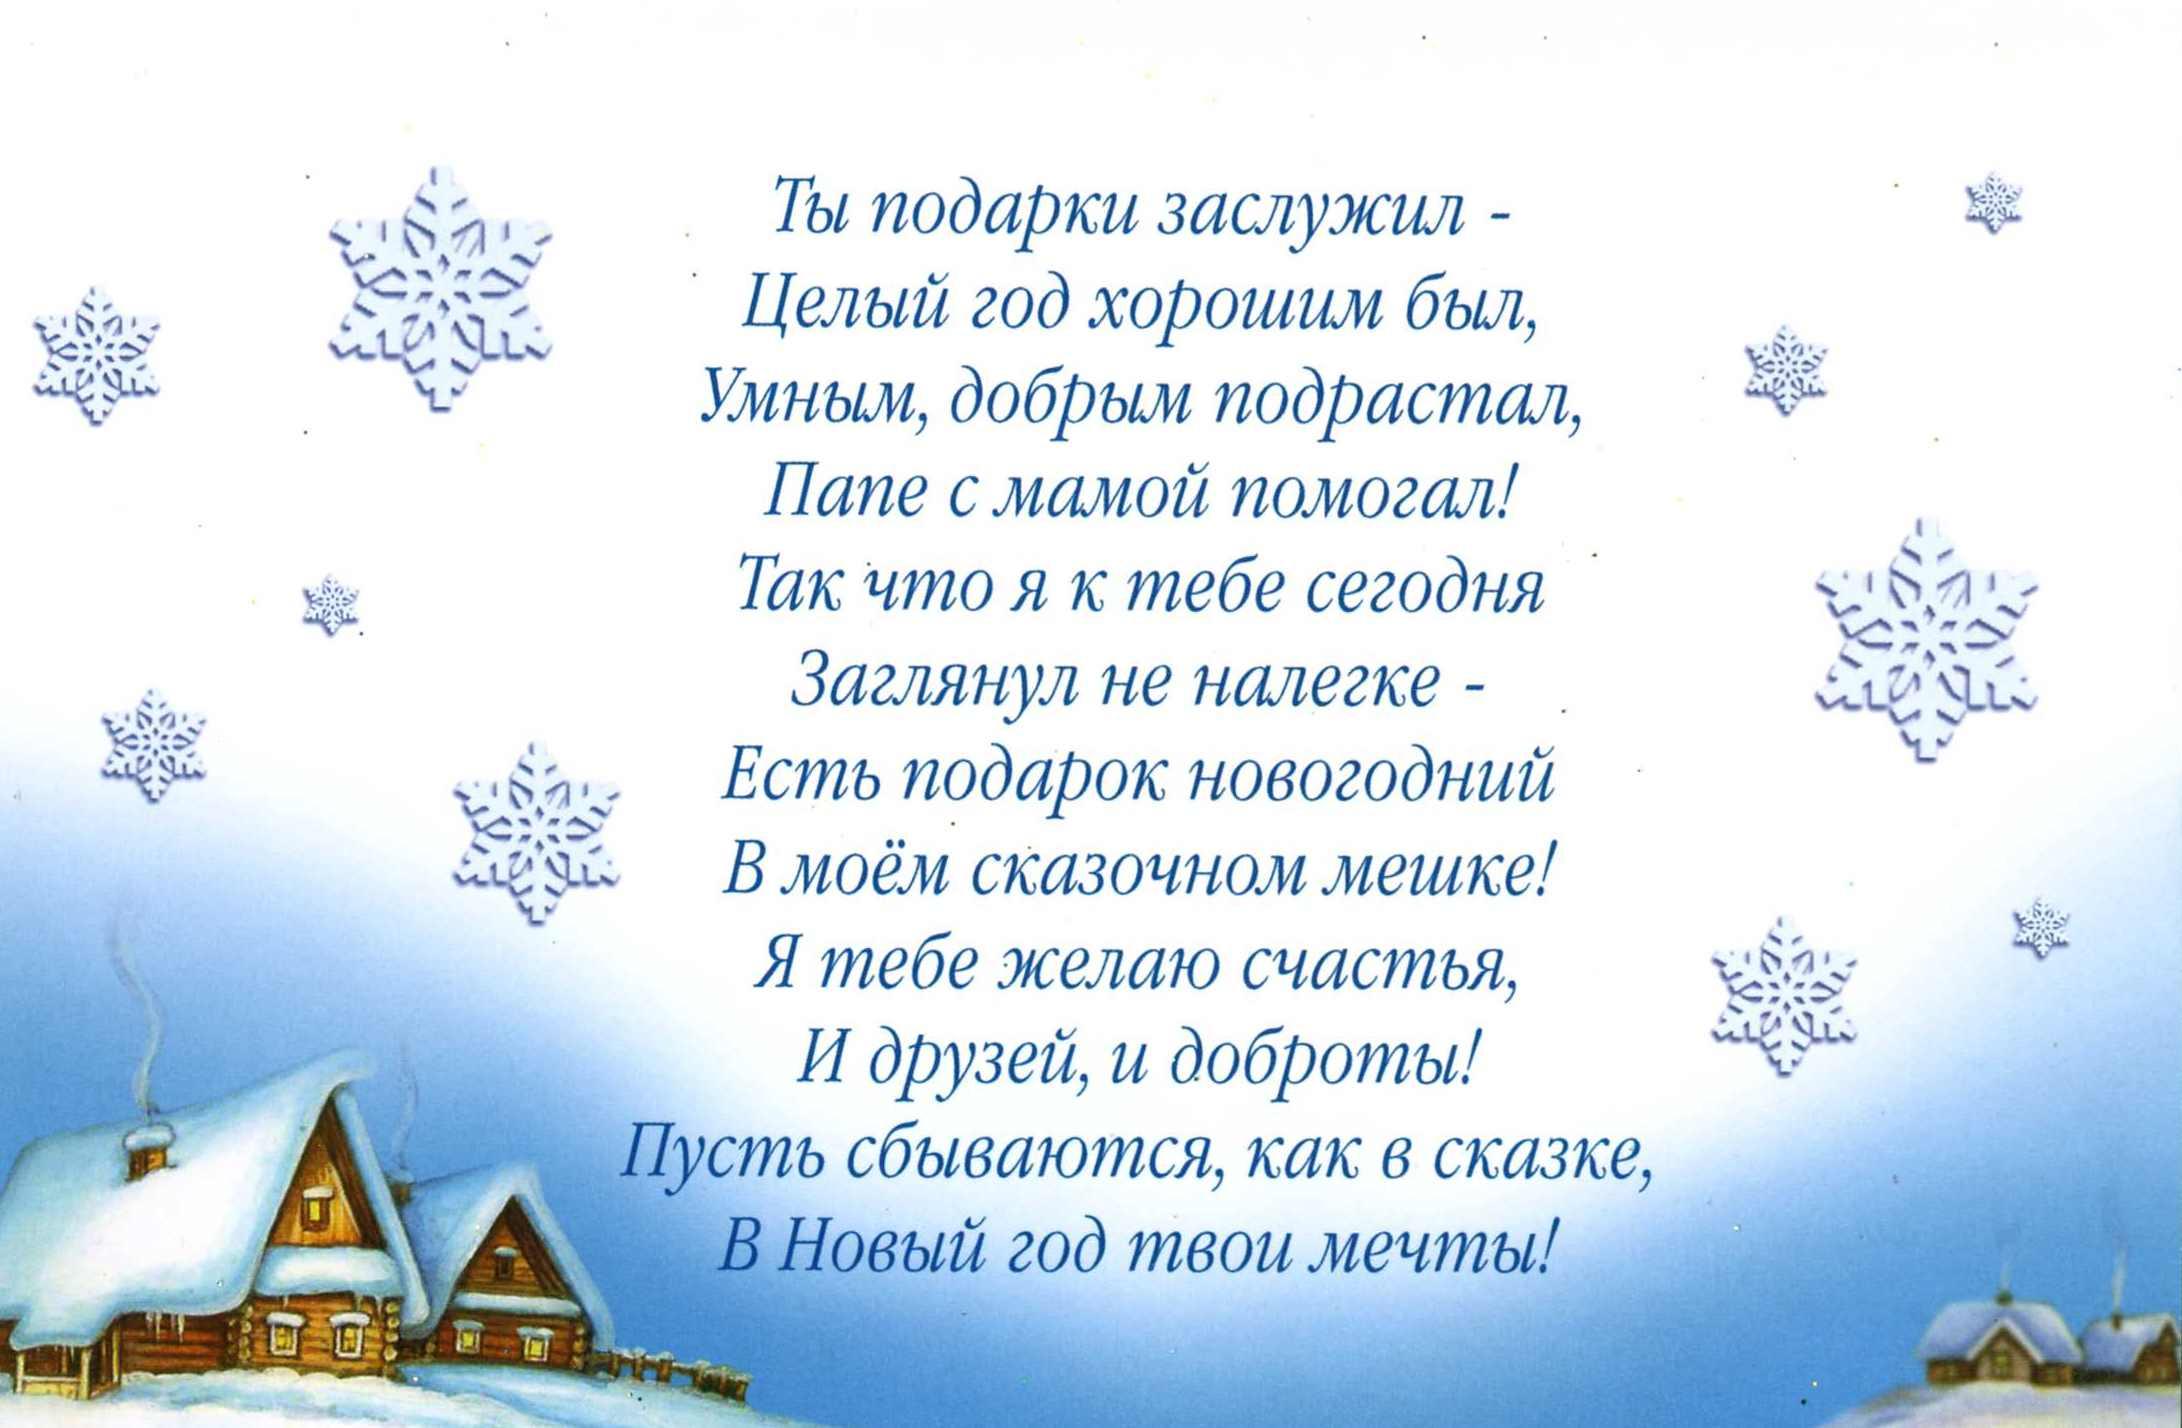 Поздравления с новым годом деду морозу от детей в стихах